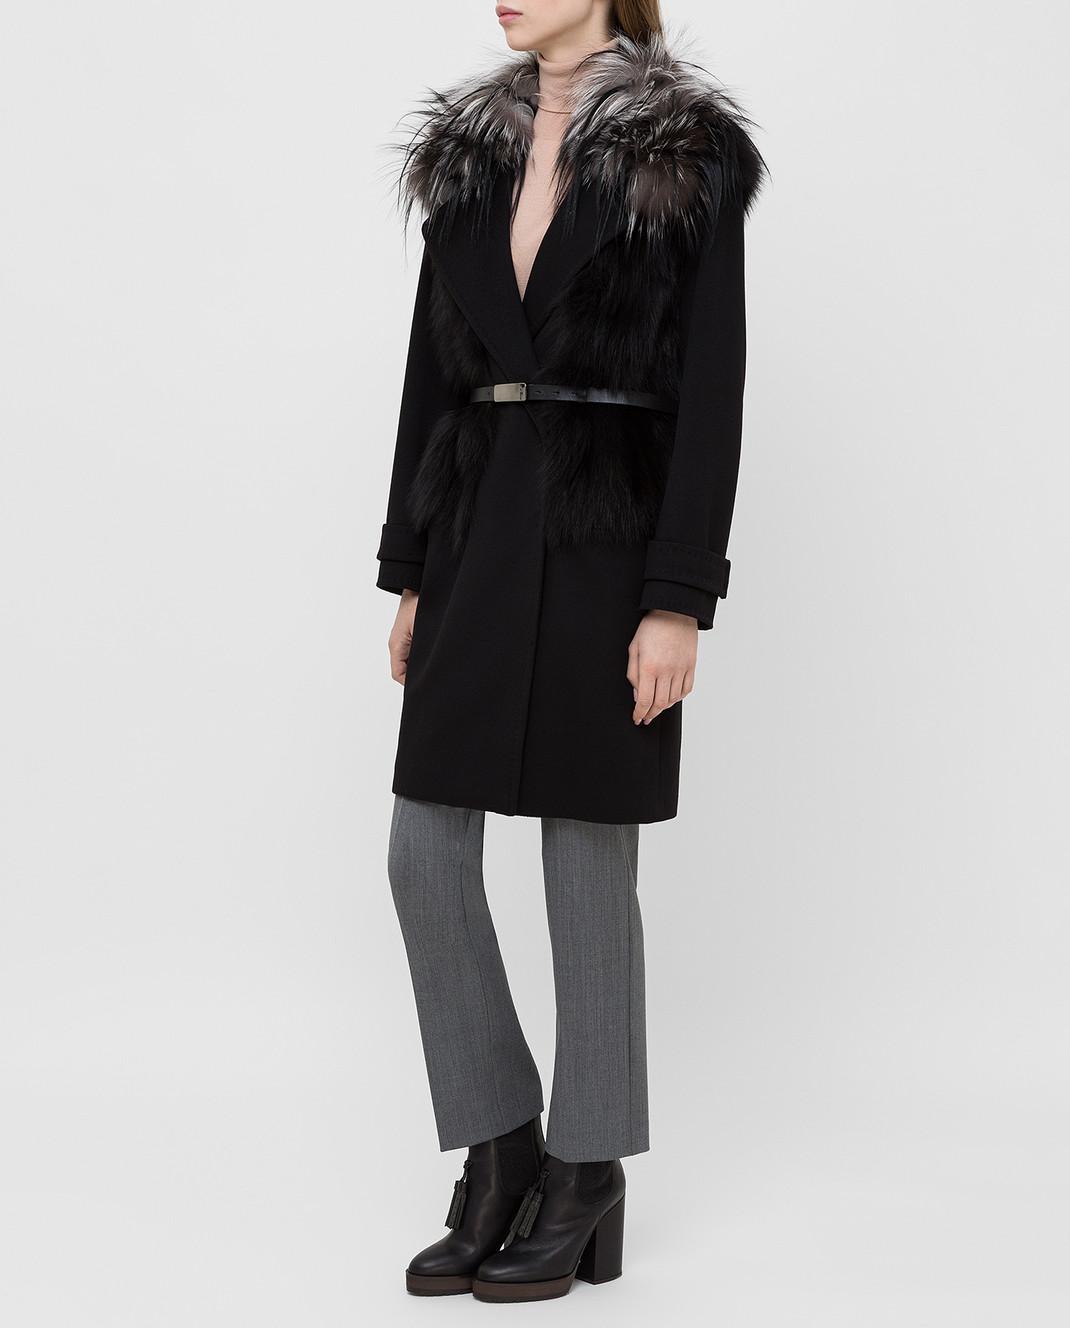 Giuliana Teso Черное пальто из шерсти и кашемира с мехом лисы 64C6060 изображение 3